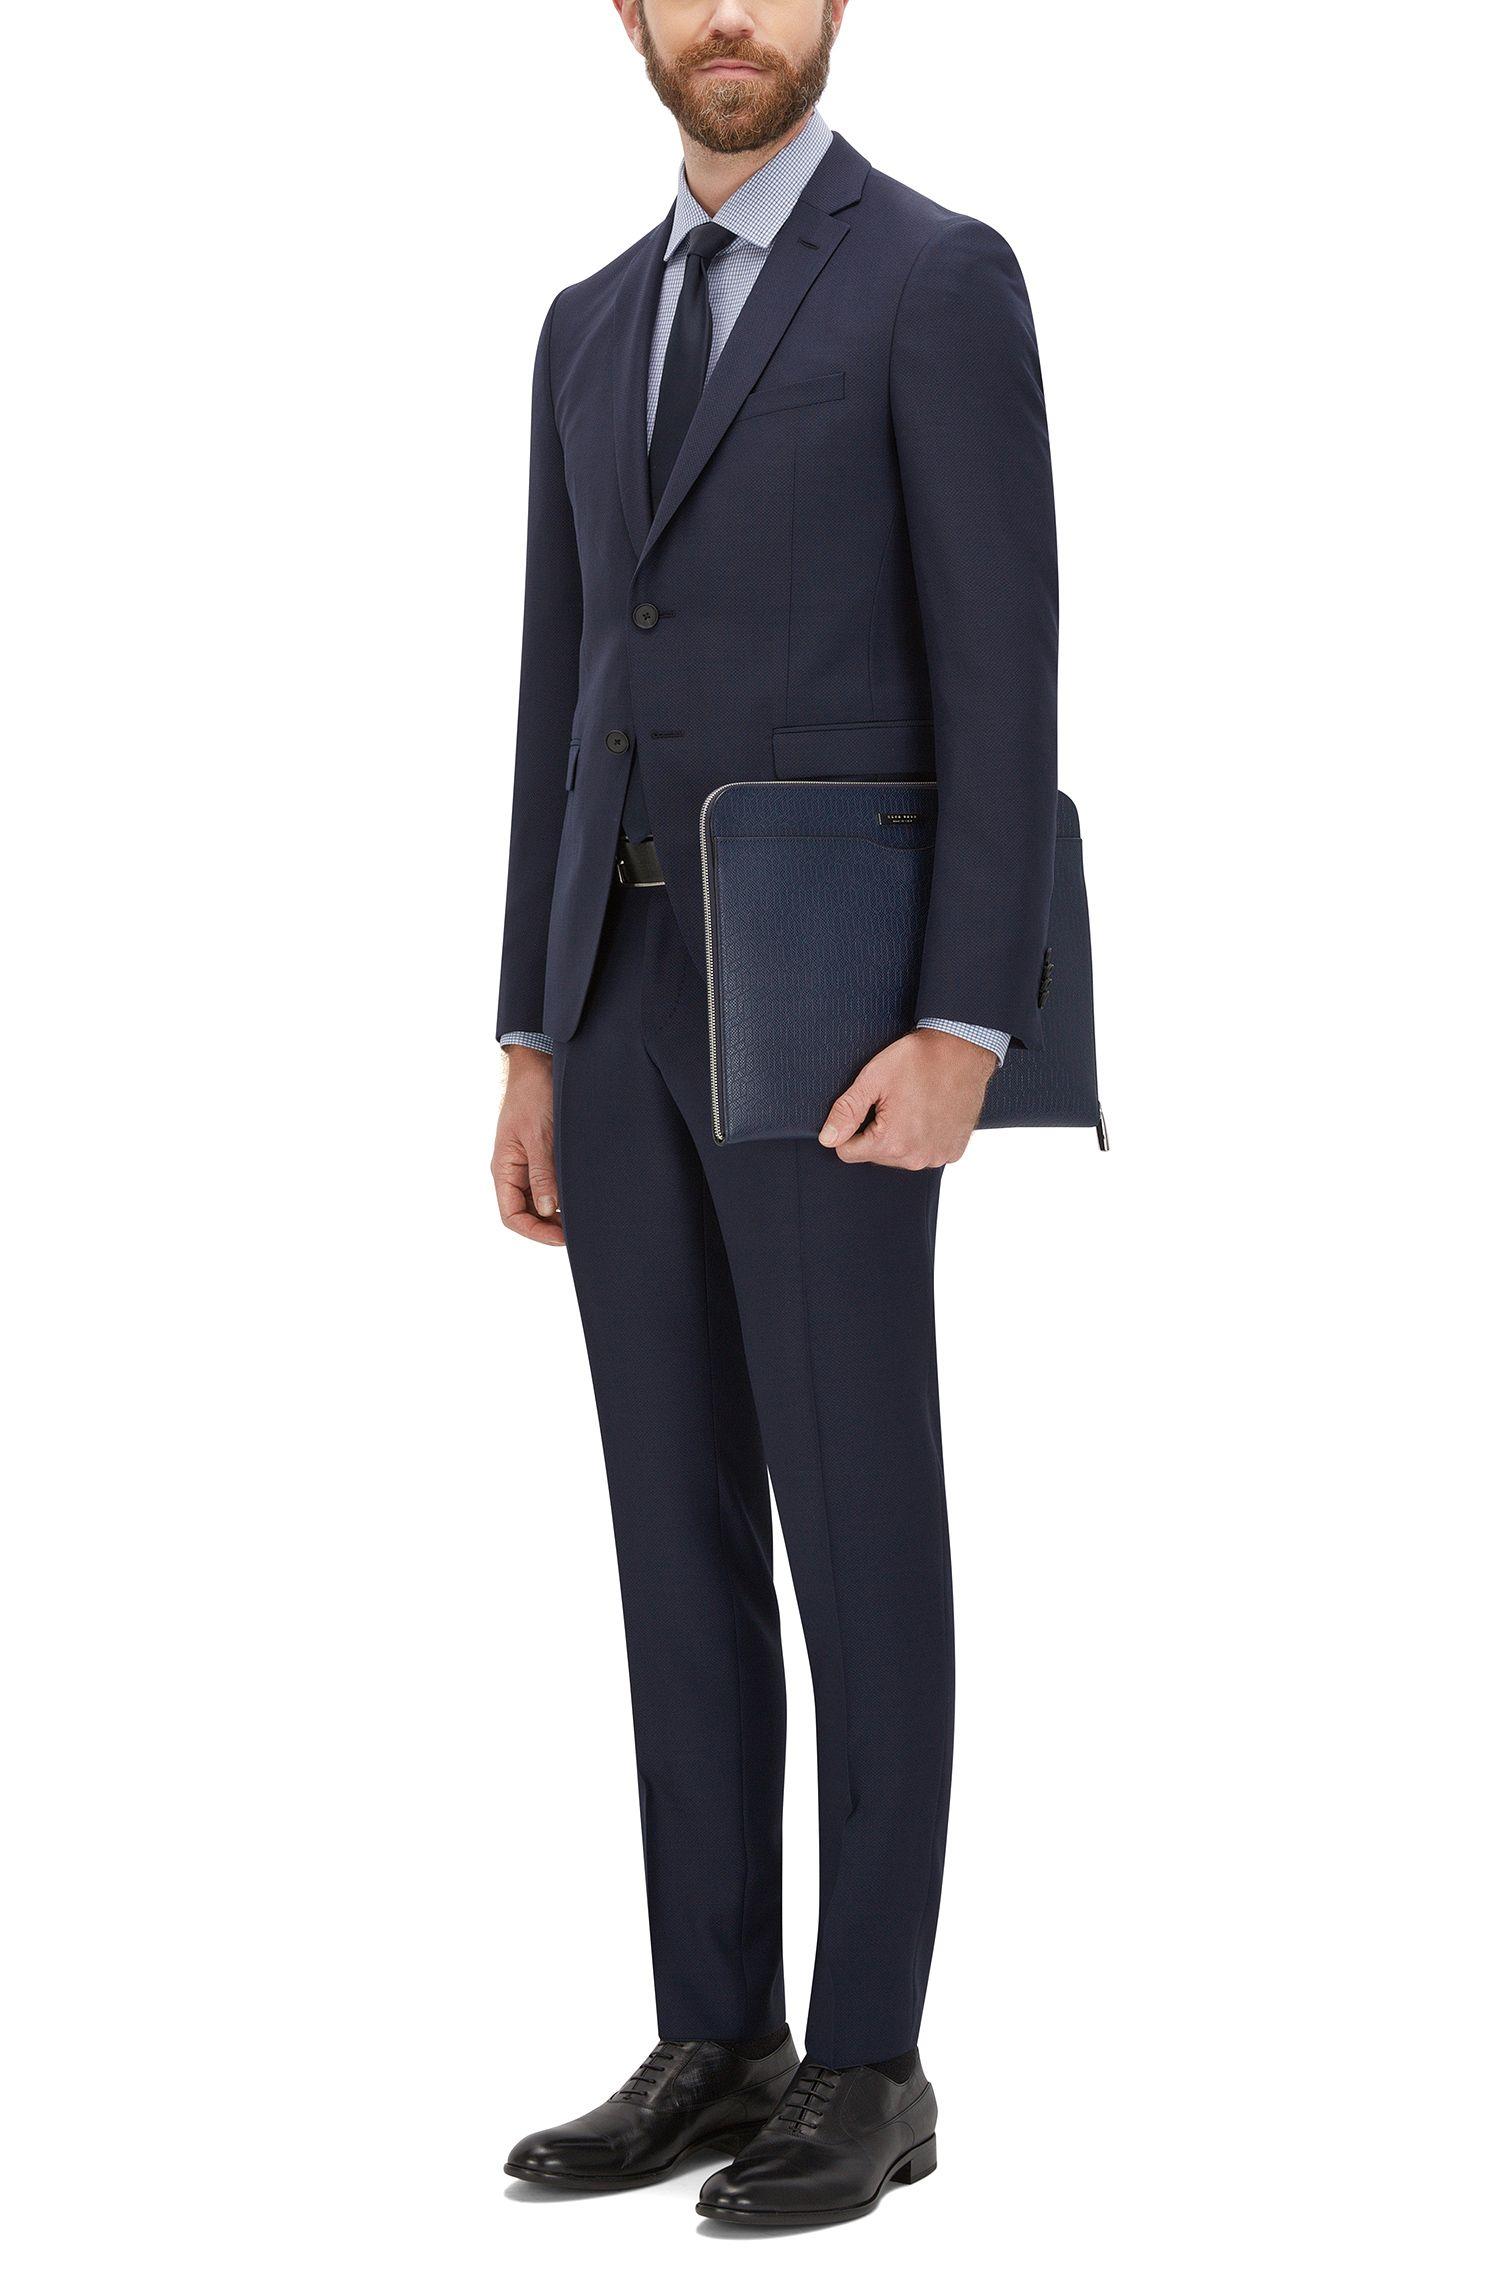 Embossed Leather Portfolio Case | Signature HE Portf